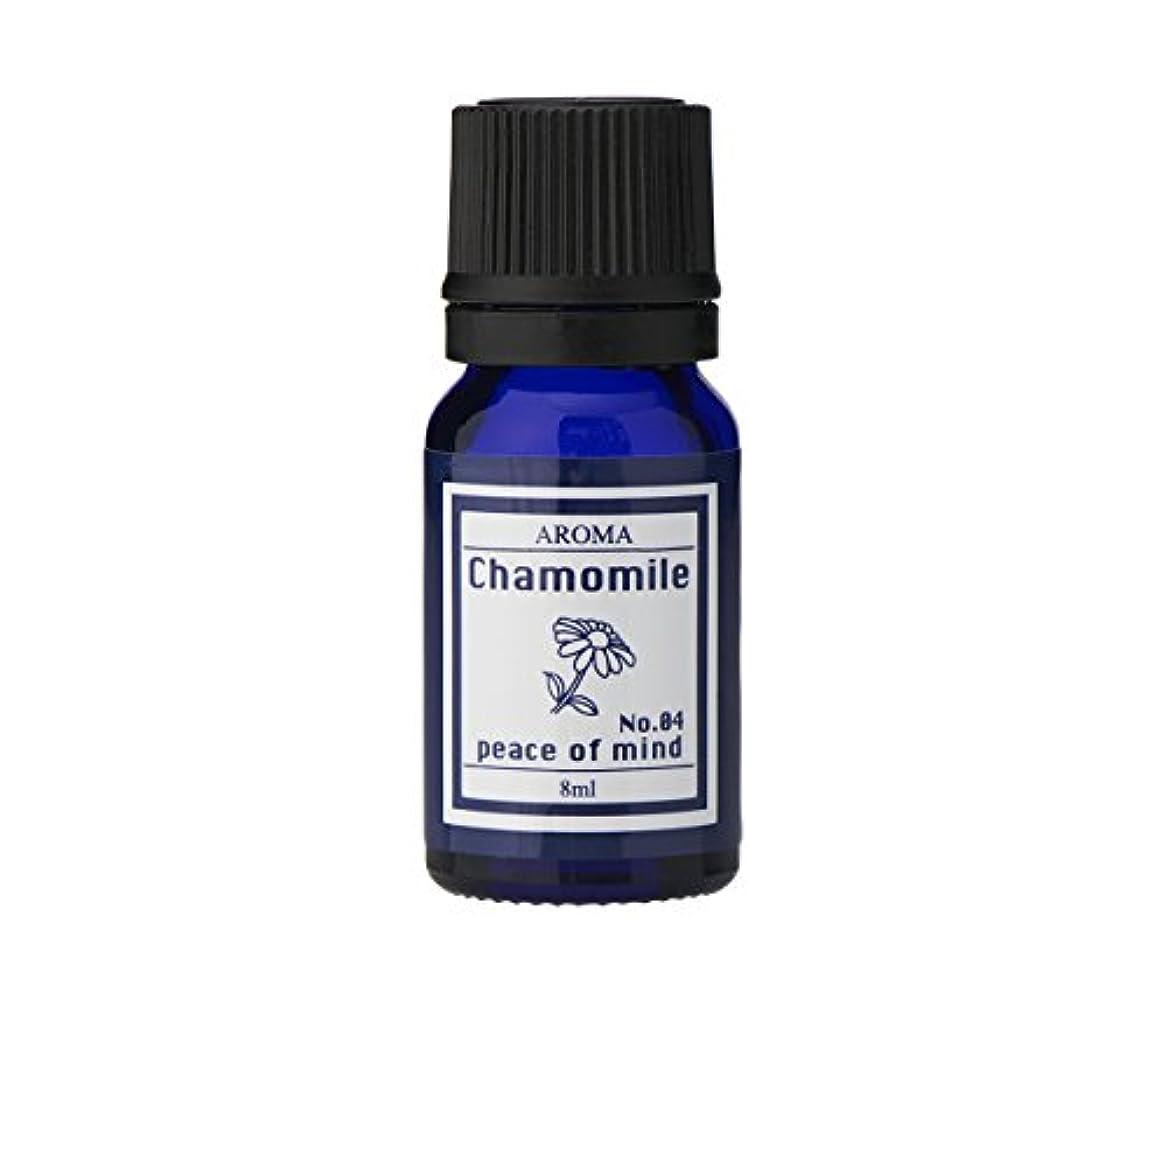 ブルーラベル アロマエッセンス8ml カモマイル(アロマオイル 調合香料 芳香用)